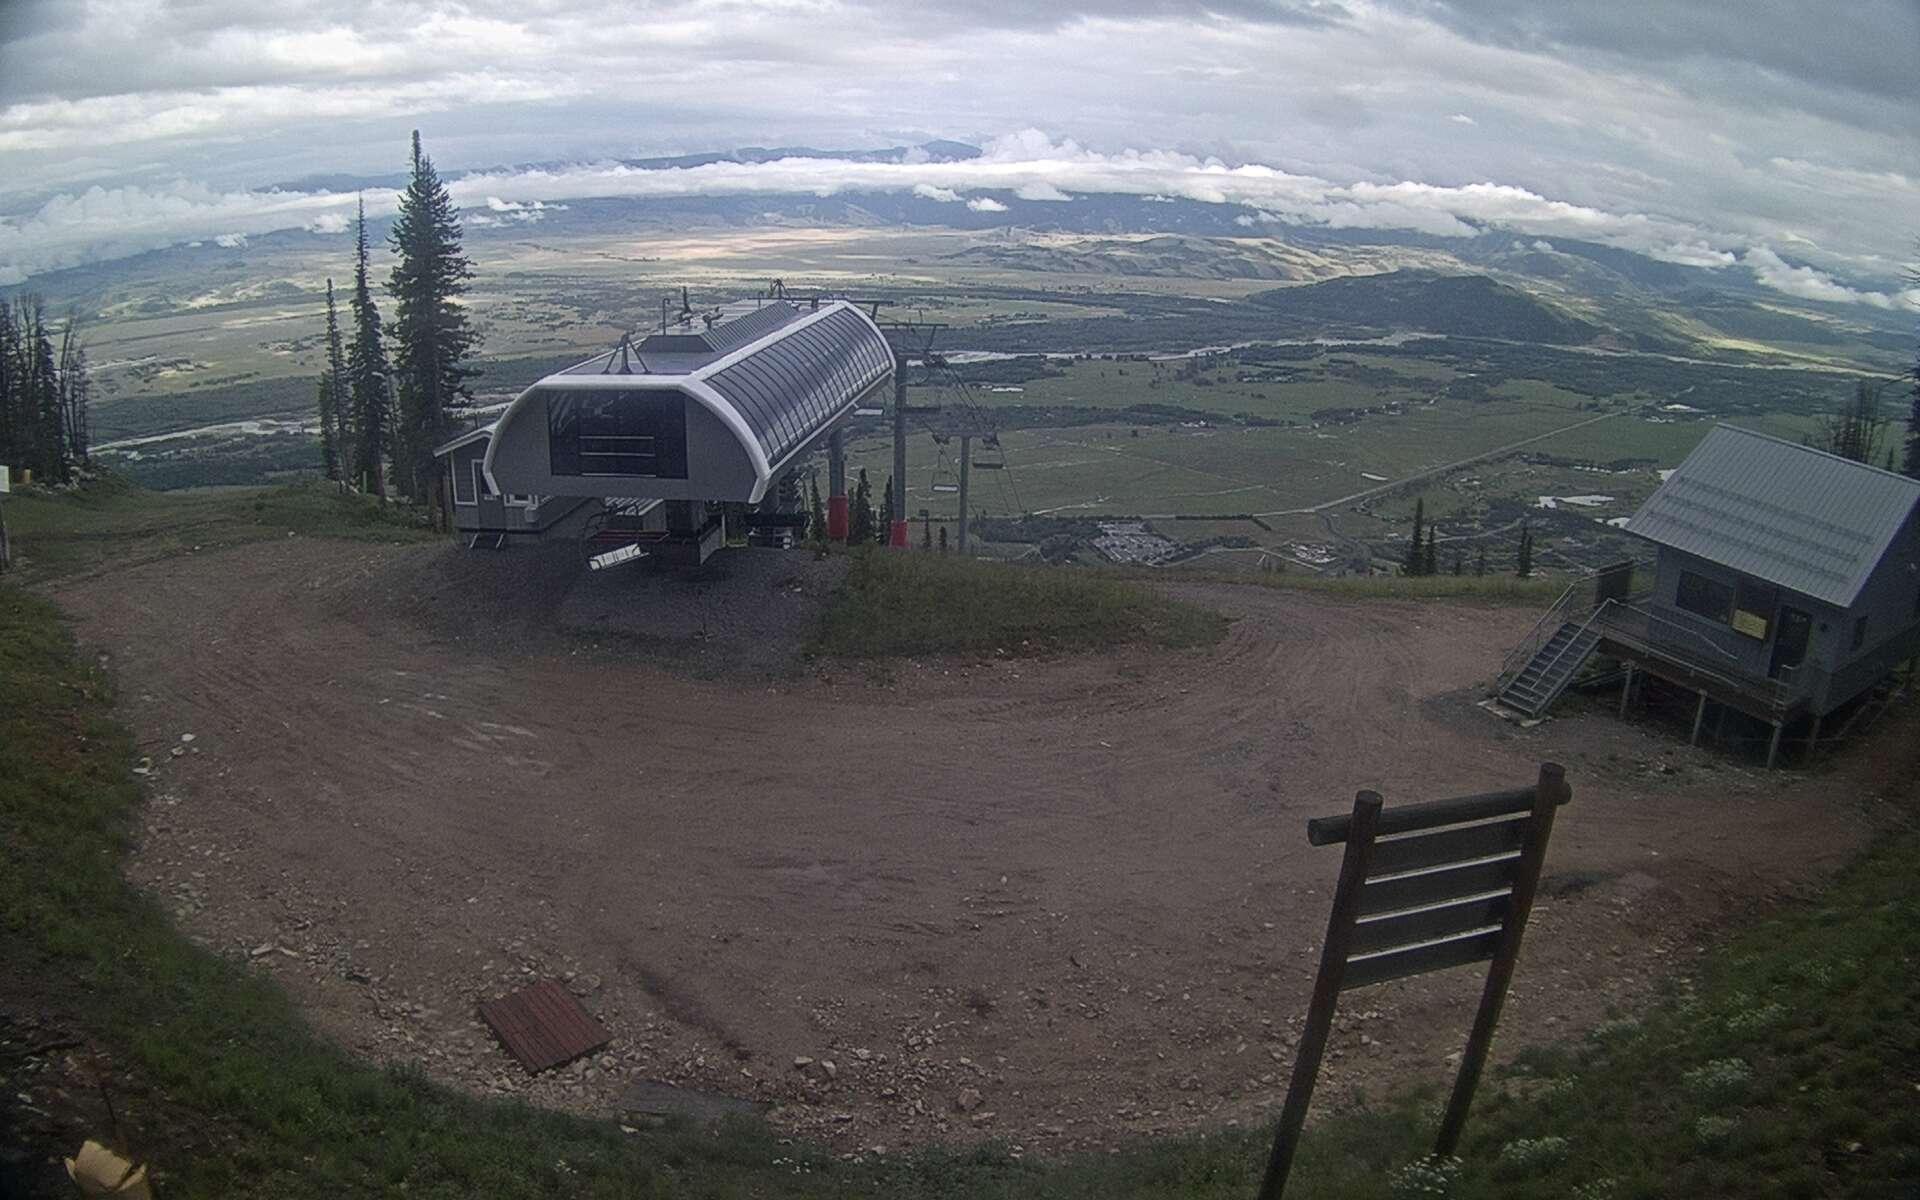 Teton Chair Summit